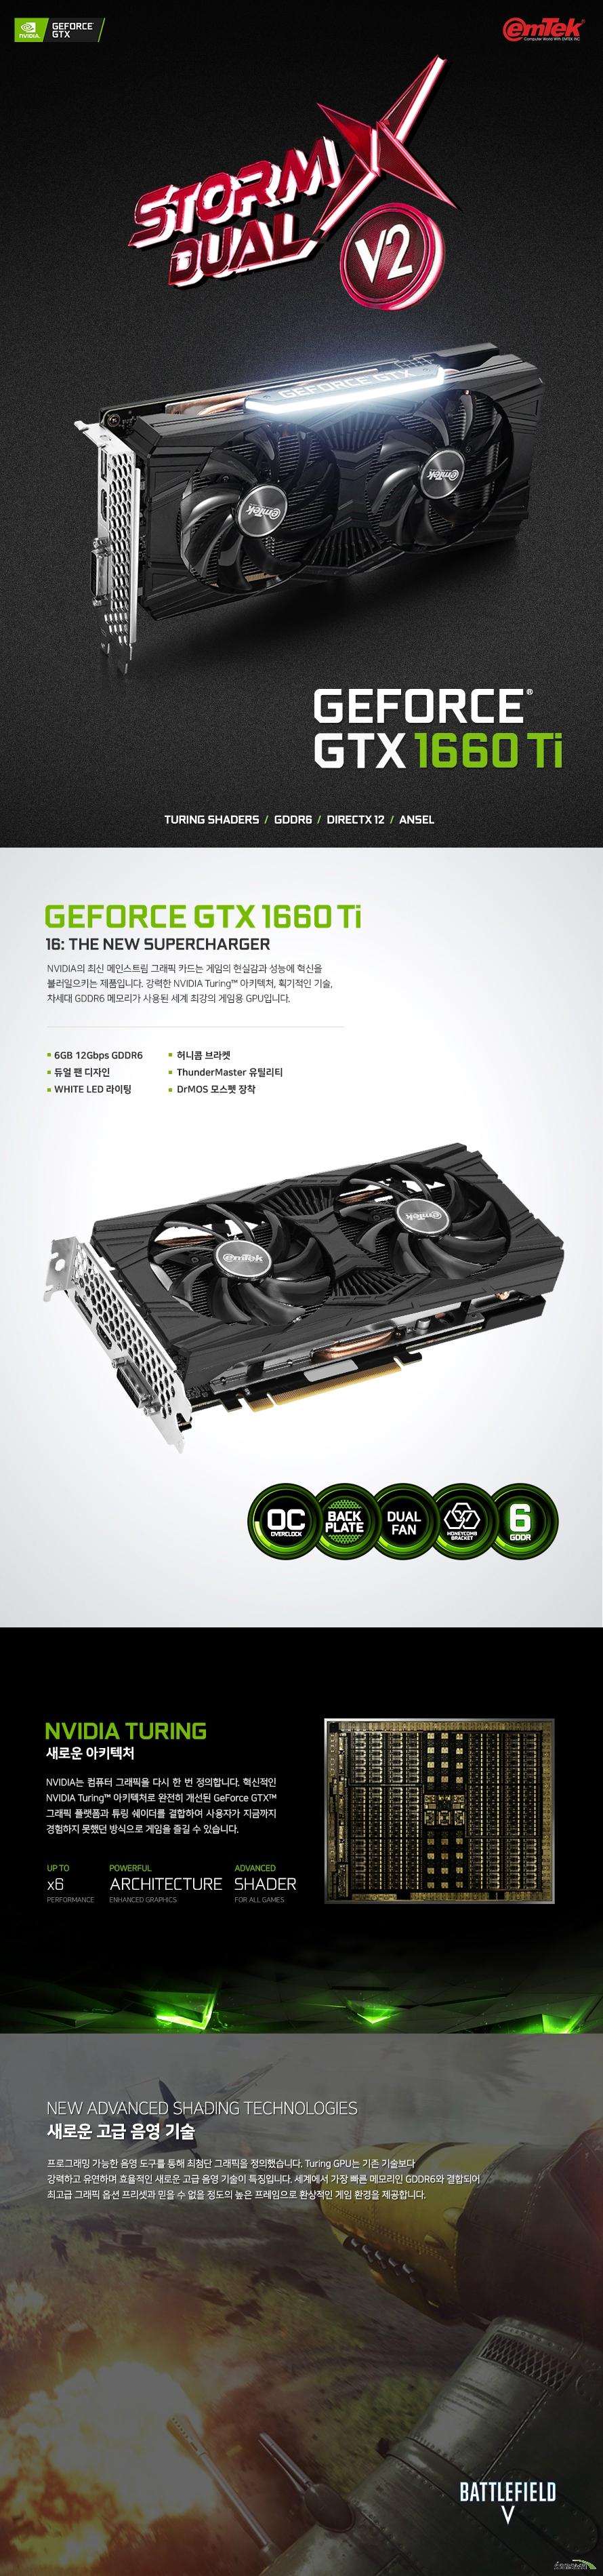 이엠텍 HV 지포스 GTX 1660 Ti STORM X Dual V2 OC D6 6GB  쿠다 코어 개수 1536개 베이스 클럭 1500 메가헤르츠 부스트 클럭 1815 메가헤르츠  메모리 버스 192비트 메모리 타입 GDDR6 6기가바이트 메모리 클럭 12000 메가 헤르츠  디스플레이 포트 듀얼링크 DVI D 포트 1개 HDMI 2.0B 포트 1개 DP 1.4 포트 1개  최대 해상도  7680X4320 지원 최대 3대 멀티 디스플레이 지원  소비 전력 120와트 권장 전력 450와트 이상 8핀 전원 커넥터 사용  제품 크기  길이 235밀리미터 넓이 112밀리미터 두께 2슬롯  지원 운영체제 윈도우 10 7 및 64비트 및 리눅스 64비트 지원 KC 인증번호 R R EMT PT N166TI  쿨링 시스템  90밀리미터 듀얼 쿨링 팬 알루미늄 히트싱크 6밀리미터 구리 히트 파이프 4개